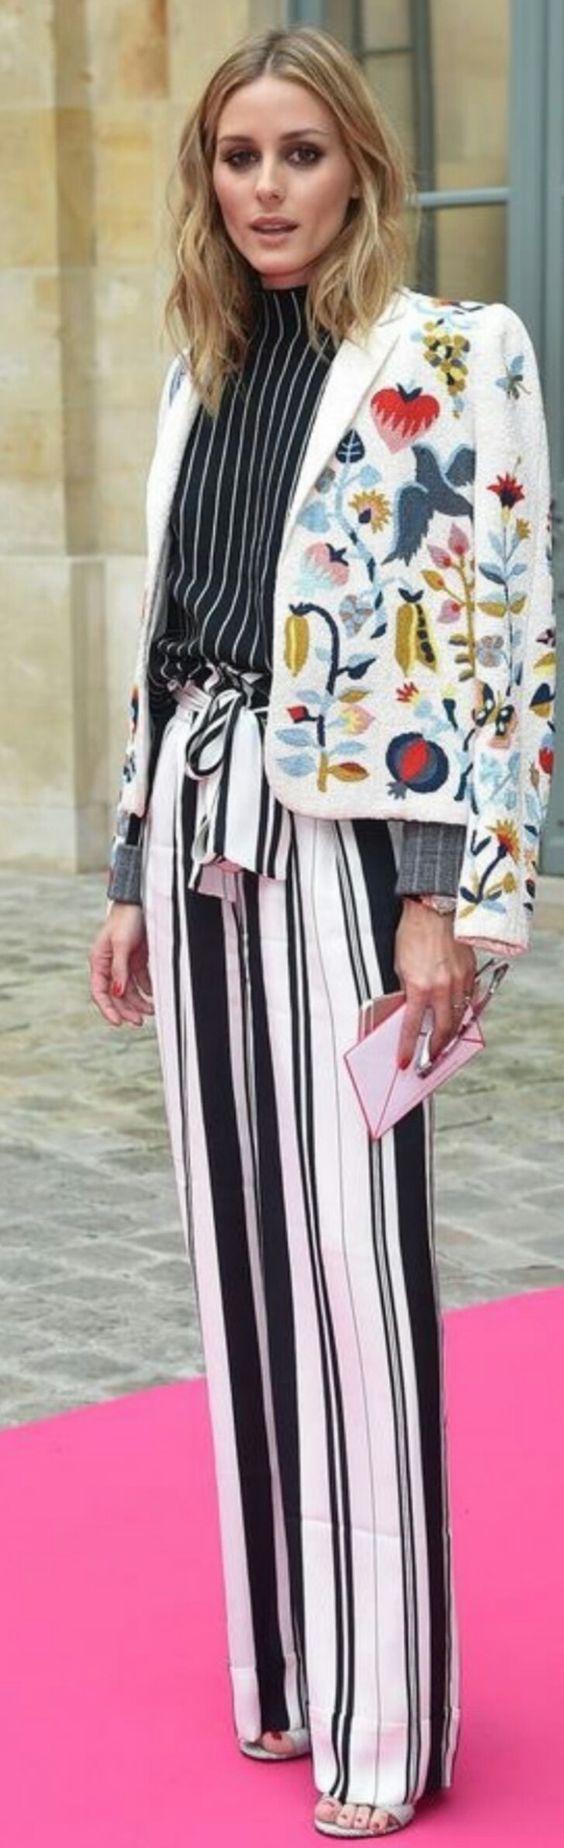 Olivia Palermo at Schiaparelli AW16 Couture